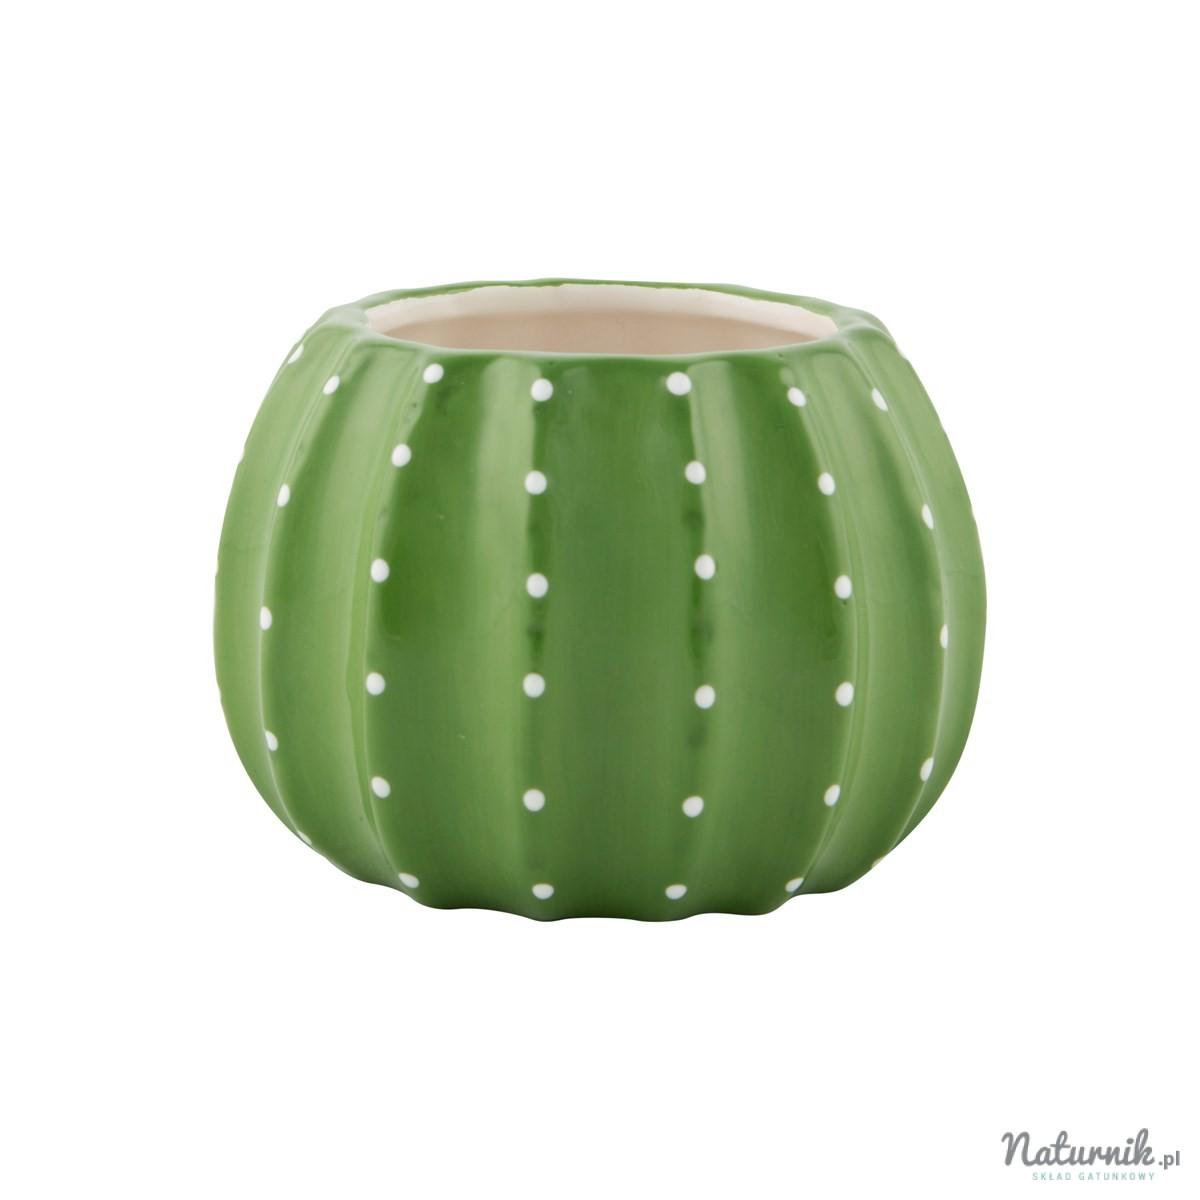 Doniczka Kaktus